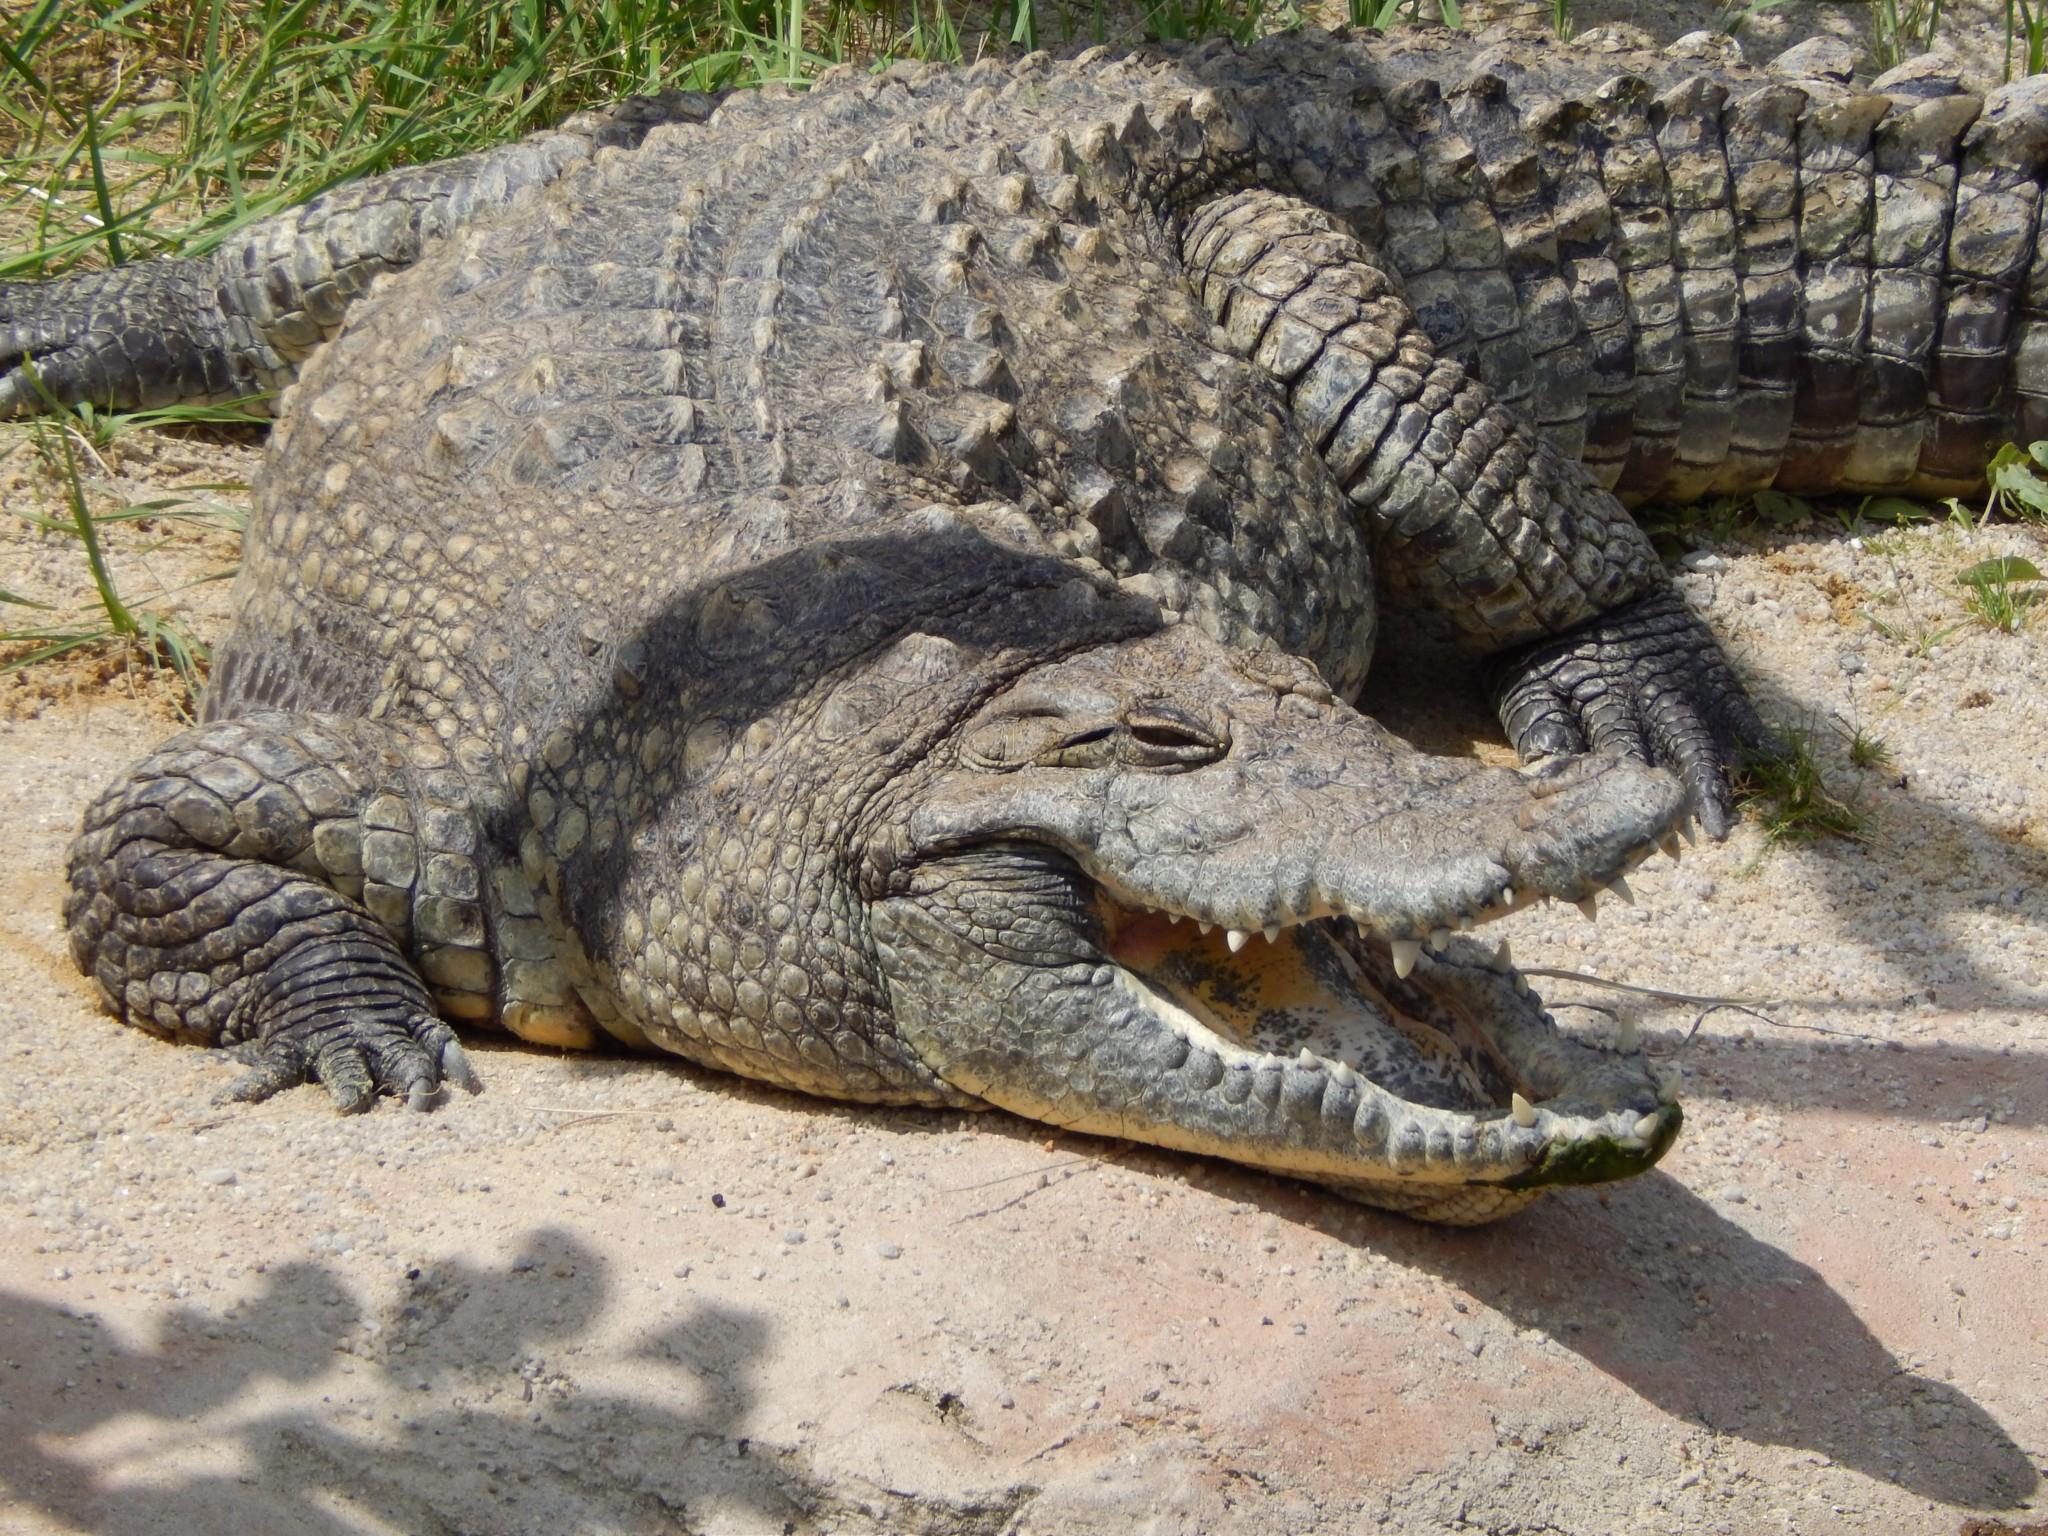 Traumdeutung Krokodil | Warum Krokodile Im Traum verwandt mit Warum Weinen Krokodile Beim Fressen